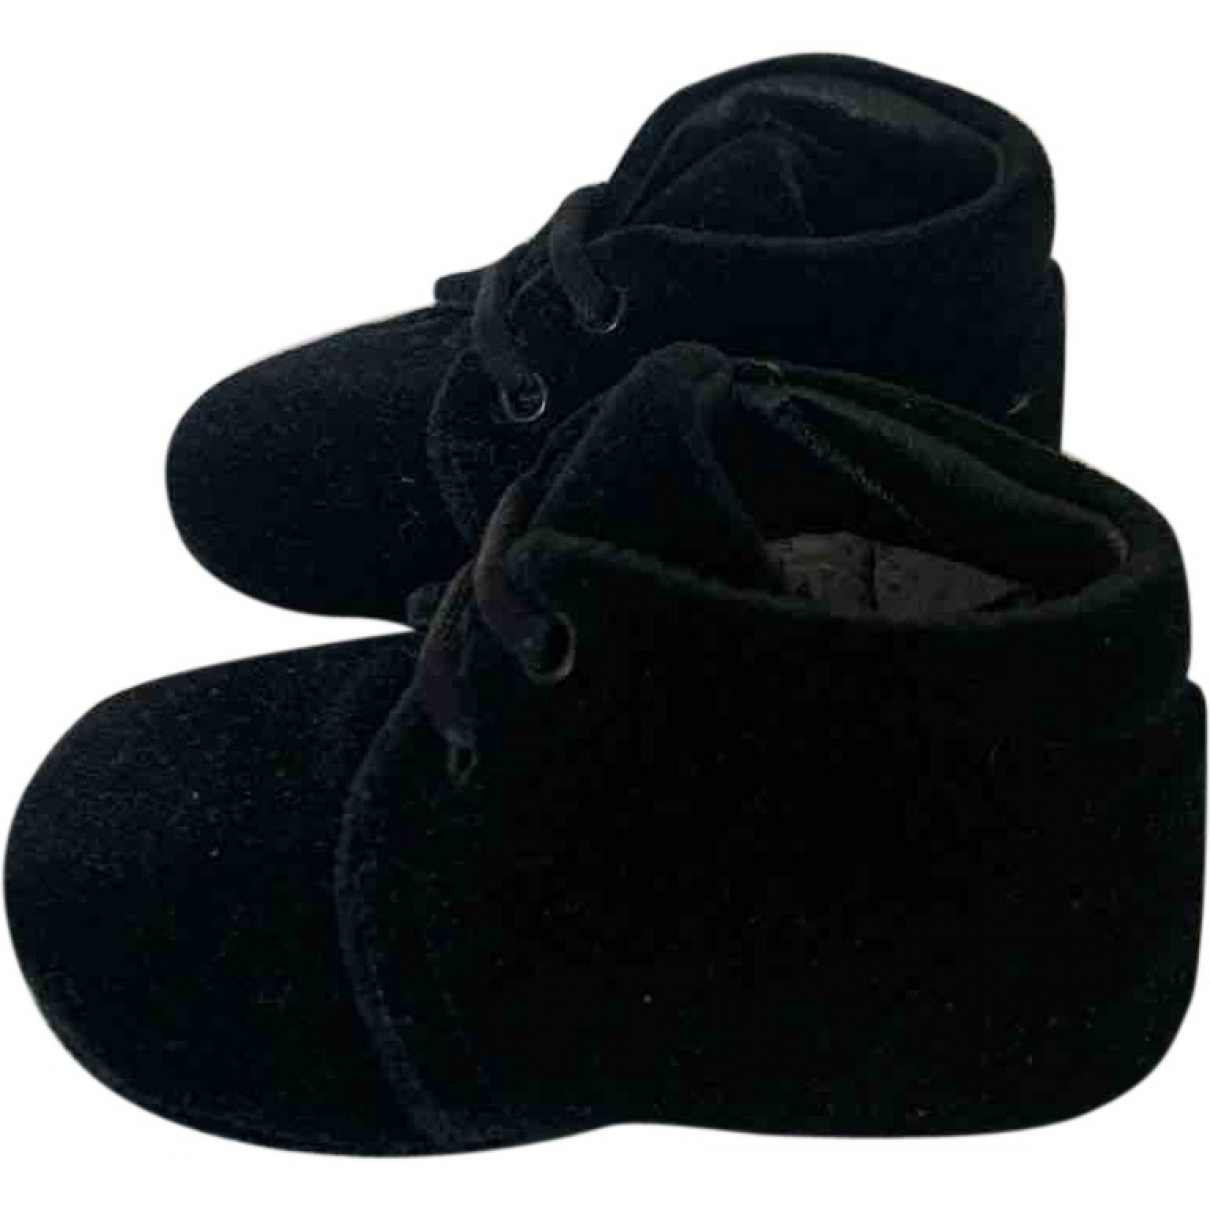 Dolce & Gabbana - Chaussons   pour enfant en velours - noir